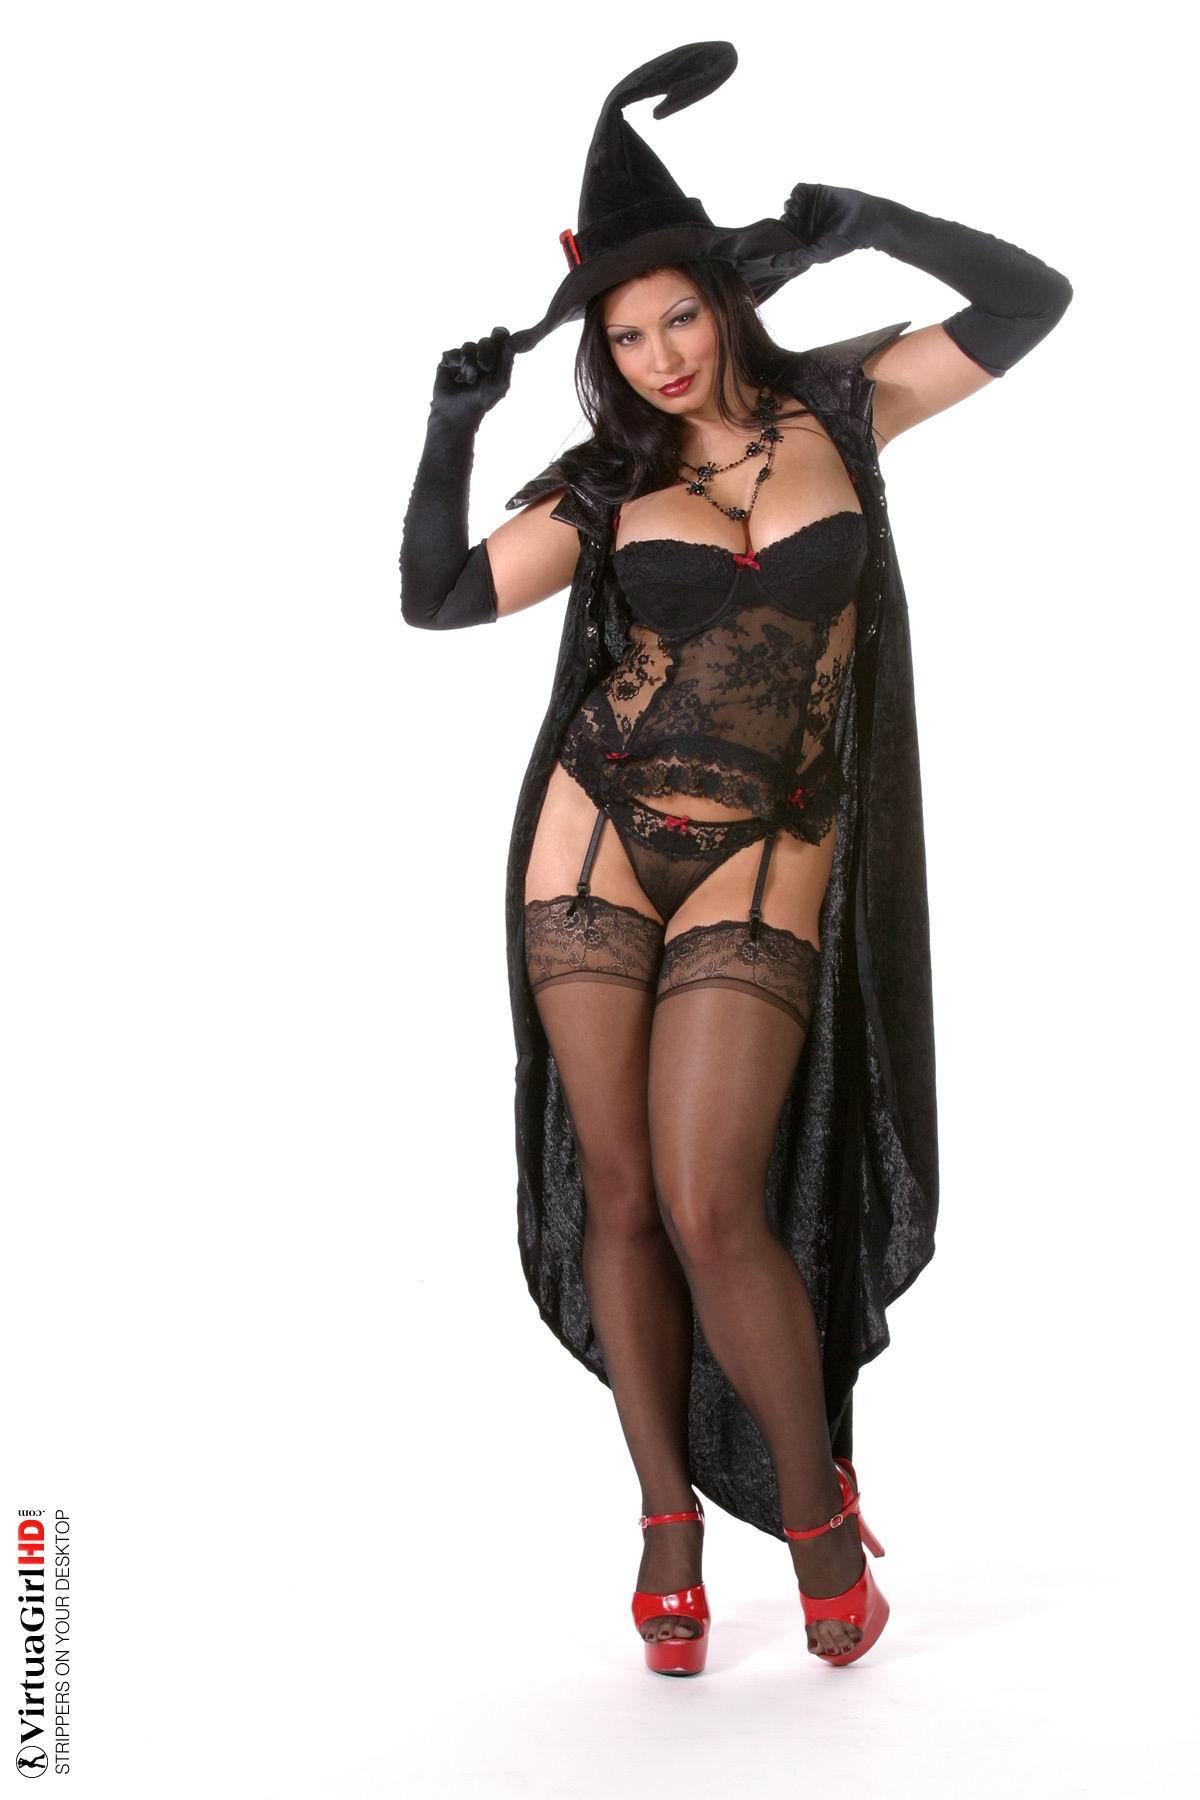 Фото голая ведьма бесплатно 20 фотография